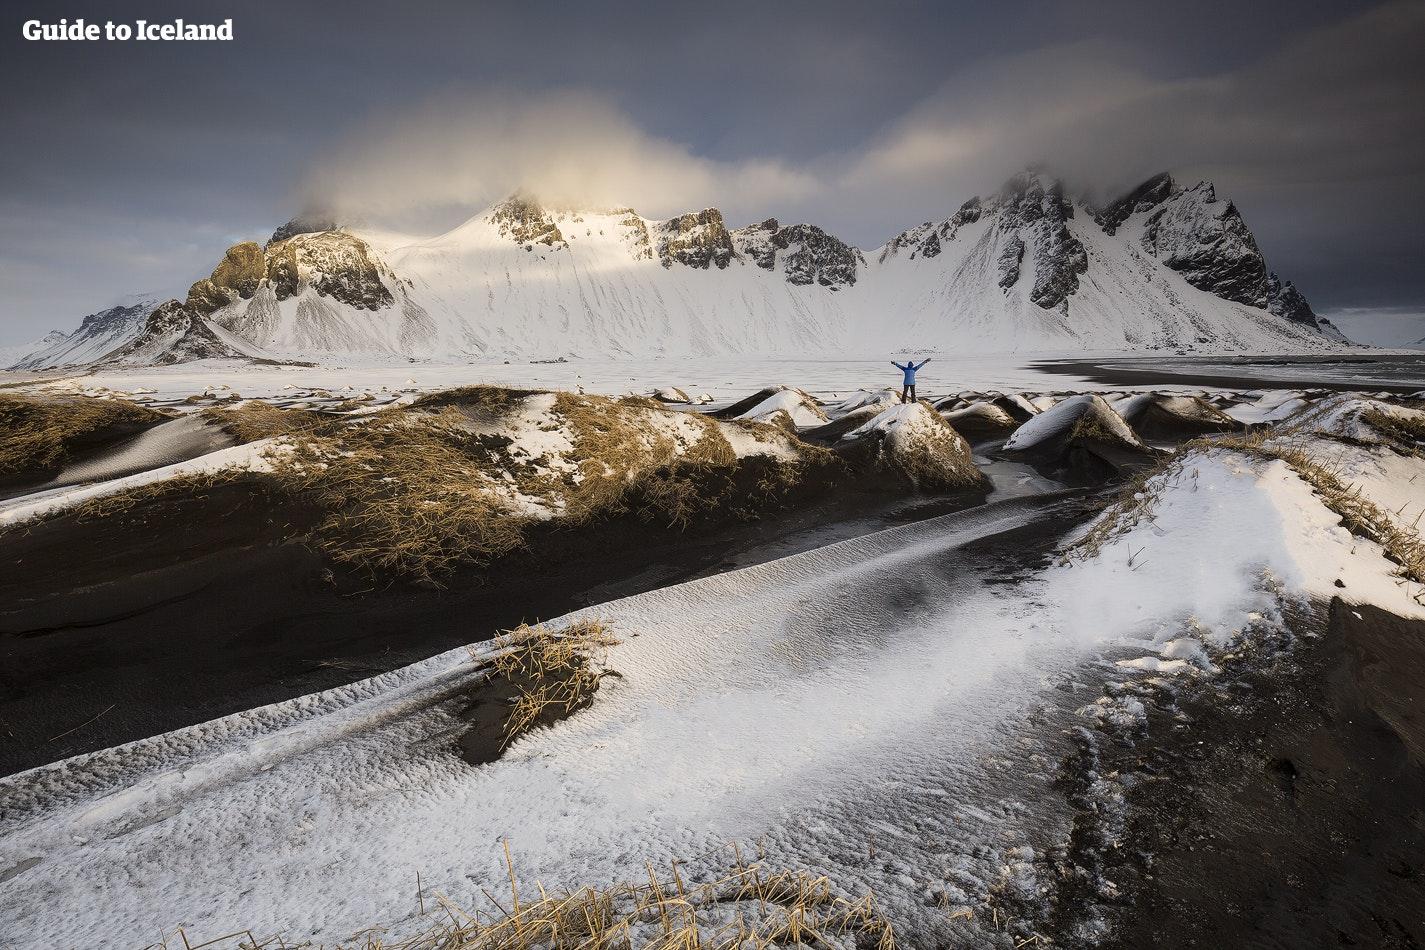 東アイスランドにあるベストラホルンの山は非常に印象的な山